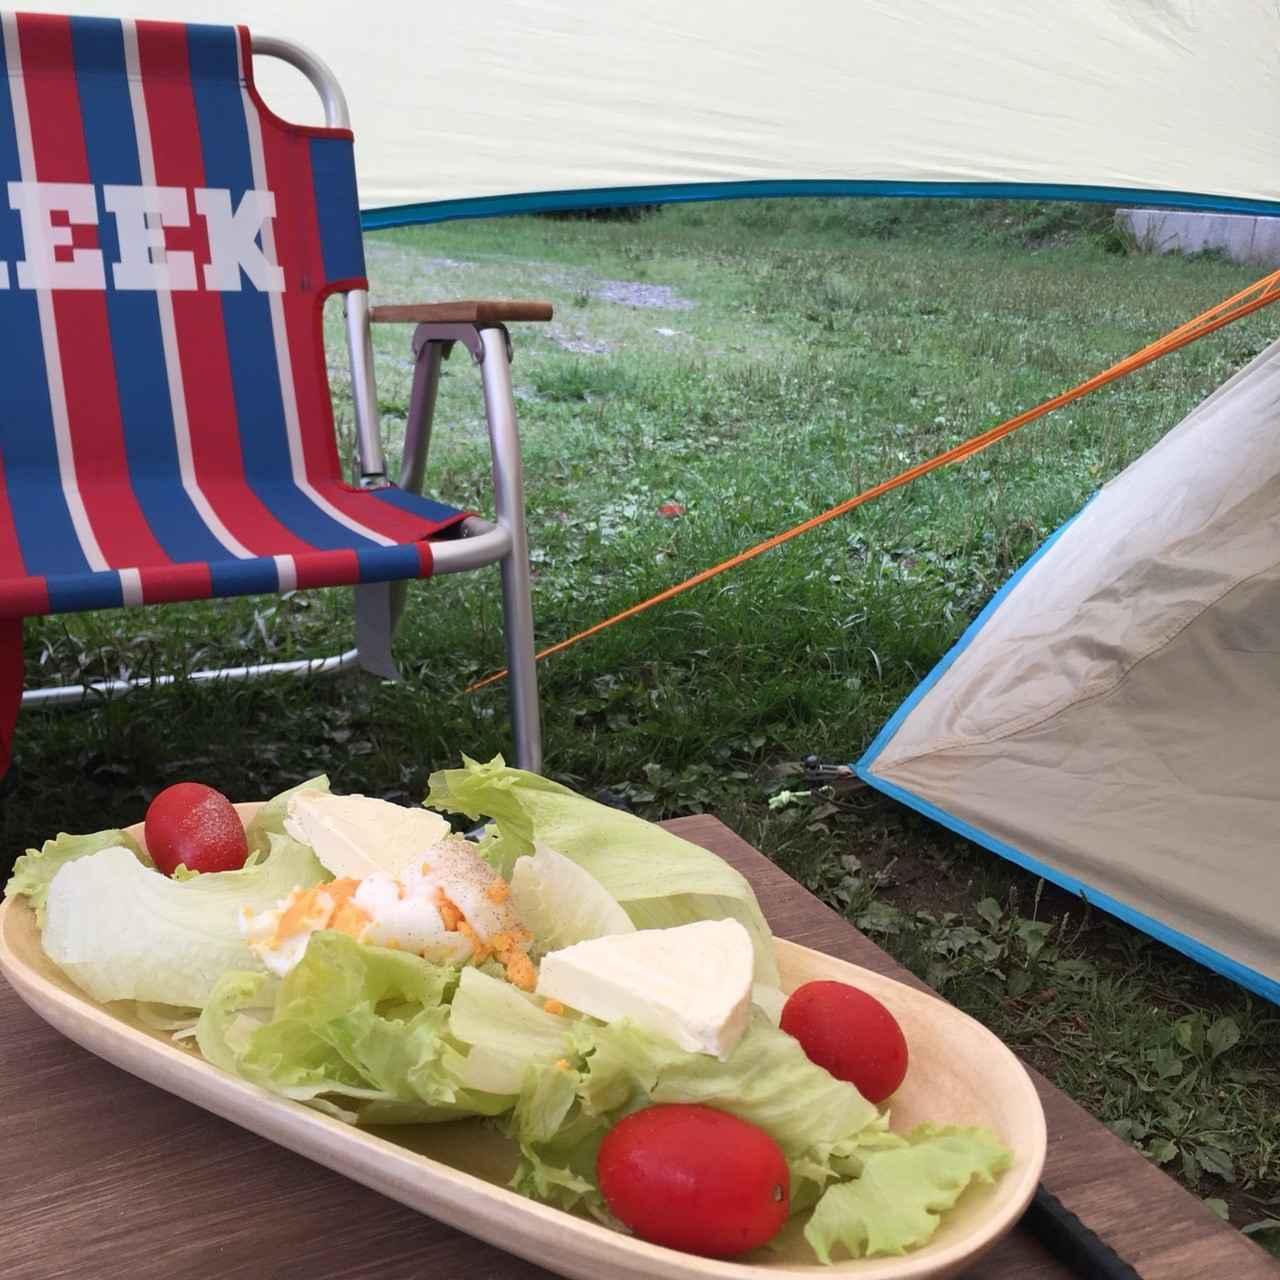 画像: 映えるキャンプご飯に!ナチュラルキッチンのおすすめアイテム&使用レビュー - ハピキャン(HAPPY CAMPER)